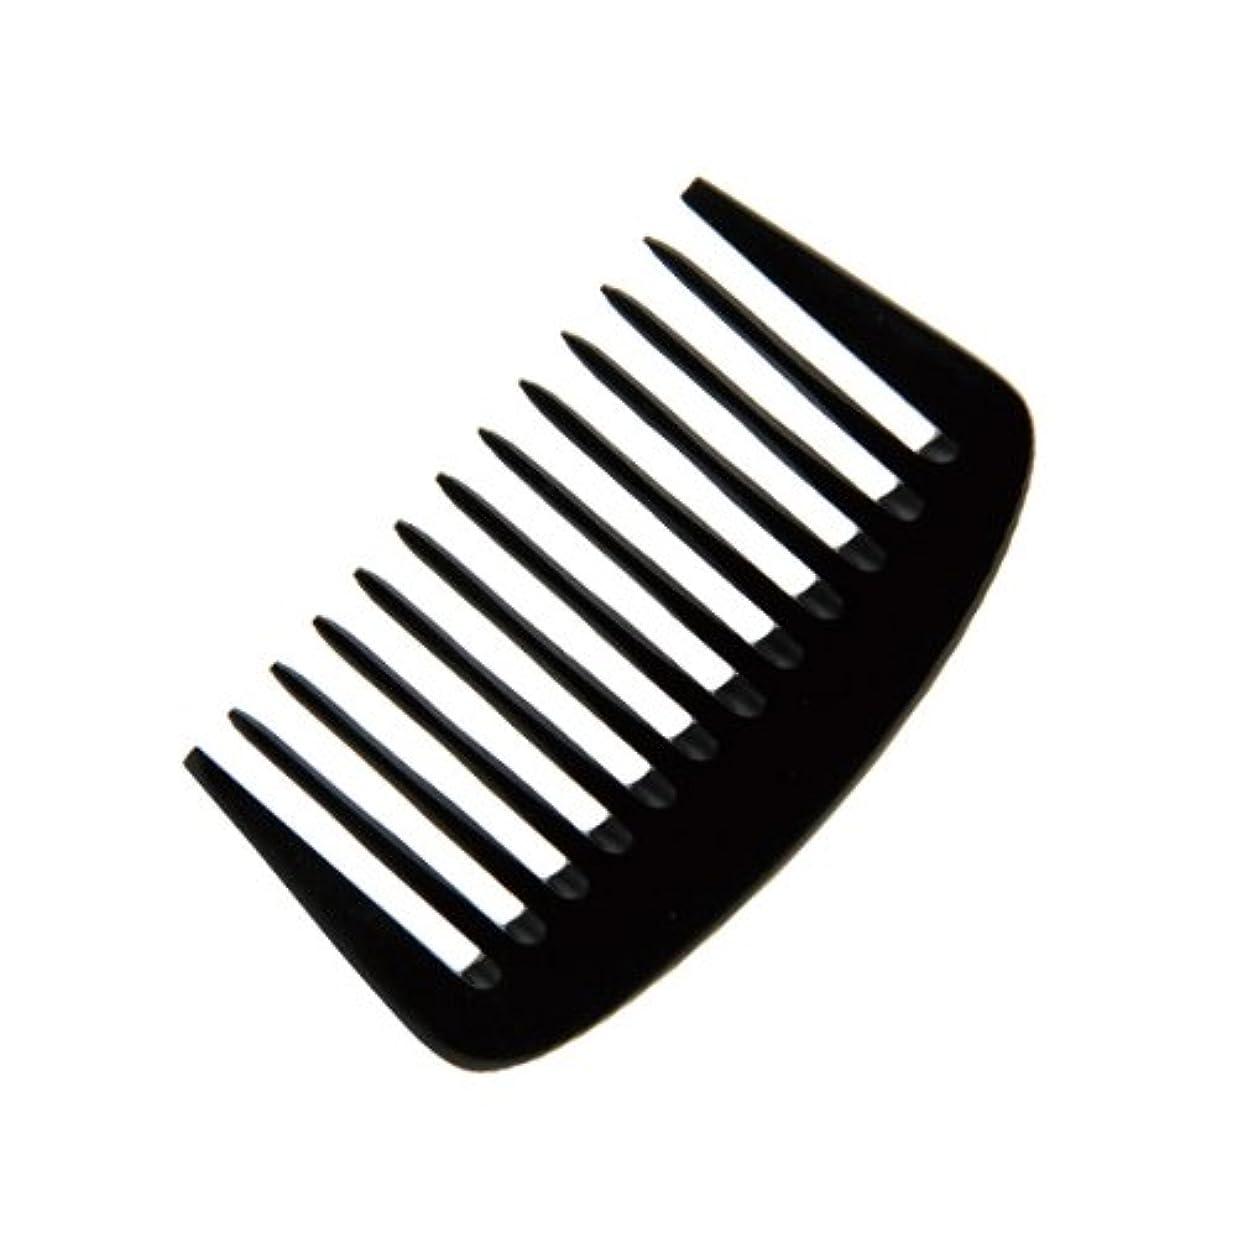 フォーカス気分が良いクラウンエトゥベラ e-ーフムーンコーム K-8010 105mm (美容室用) 全2色ブラック